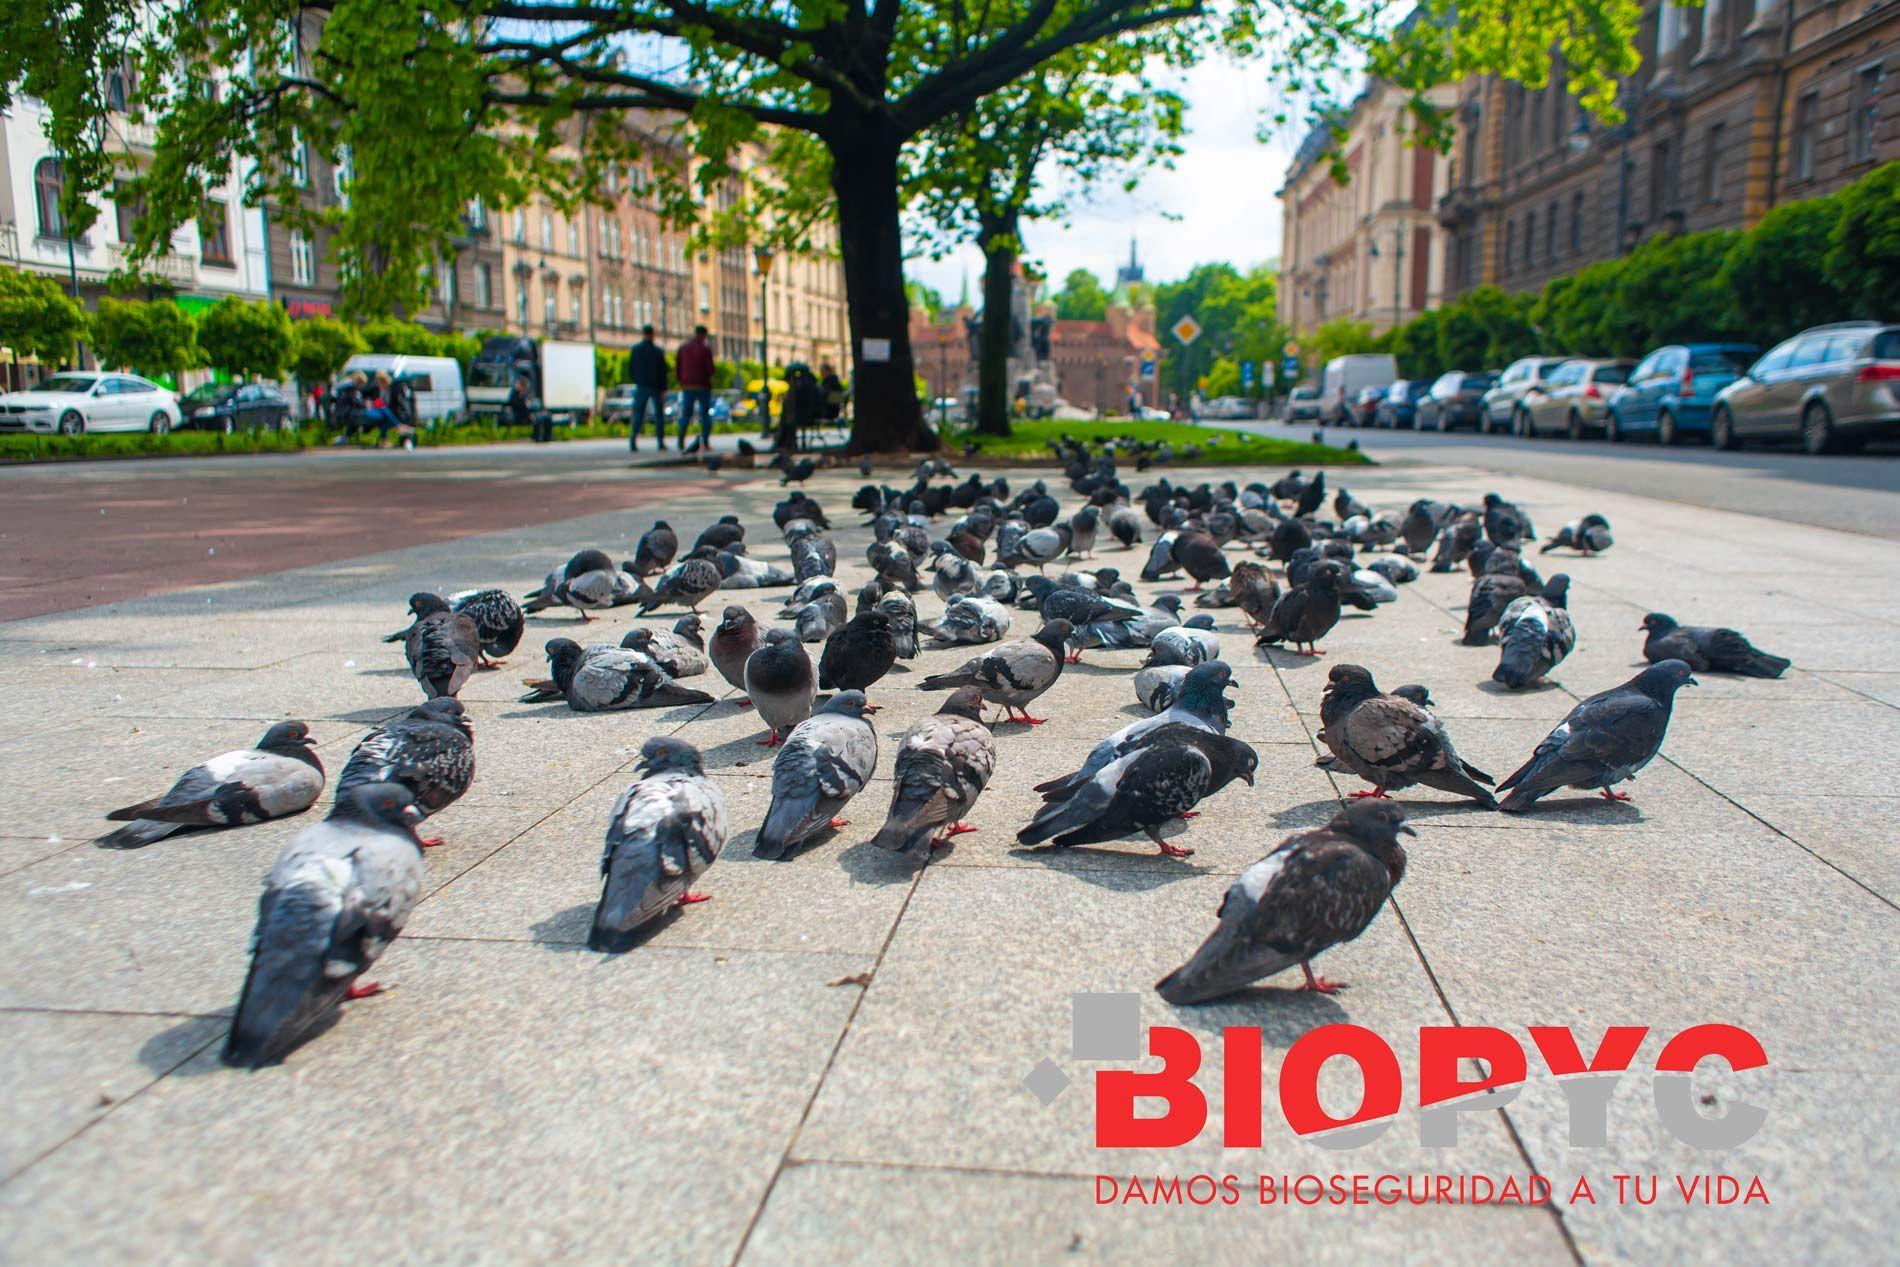 Biopyc lleva a cabo un control de aves en Fraga